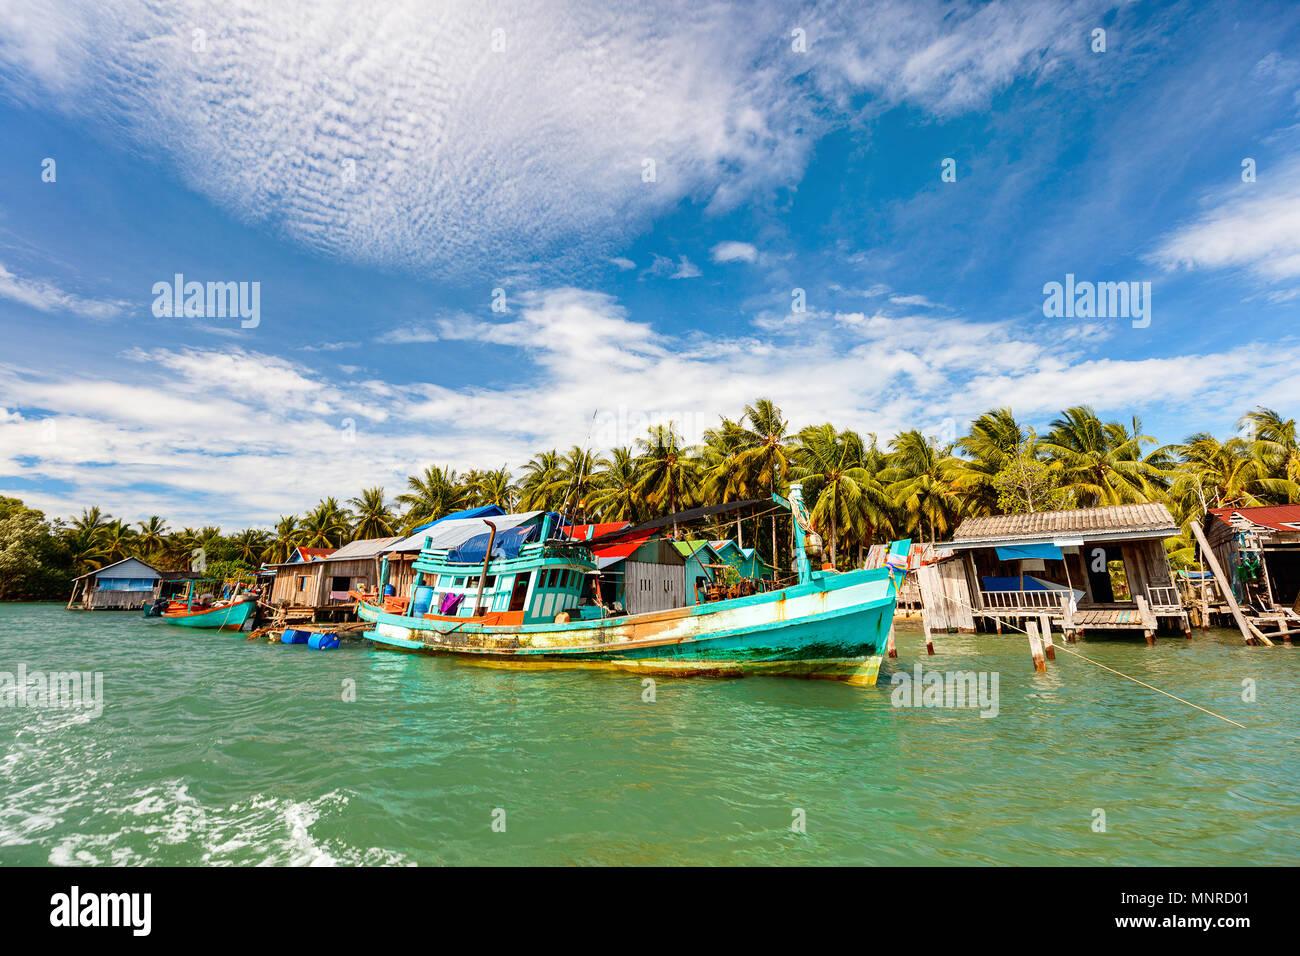 Tradicional pueblo flotante en la isla de Koh Rong en Camboya Imagen De Stock